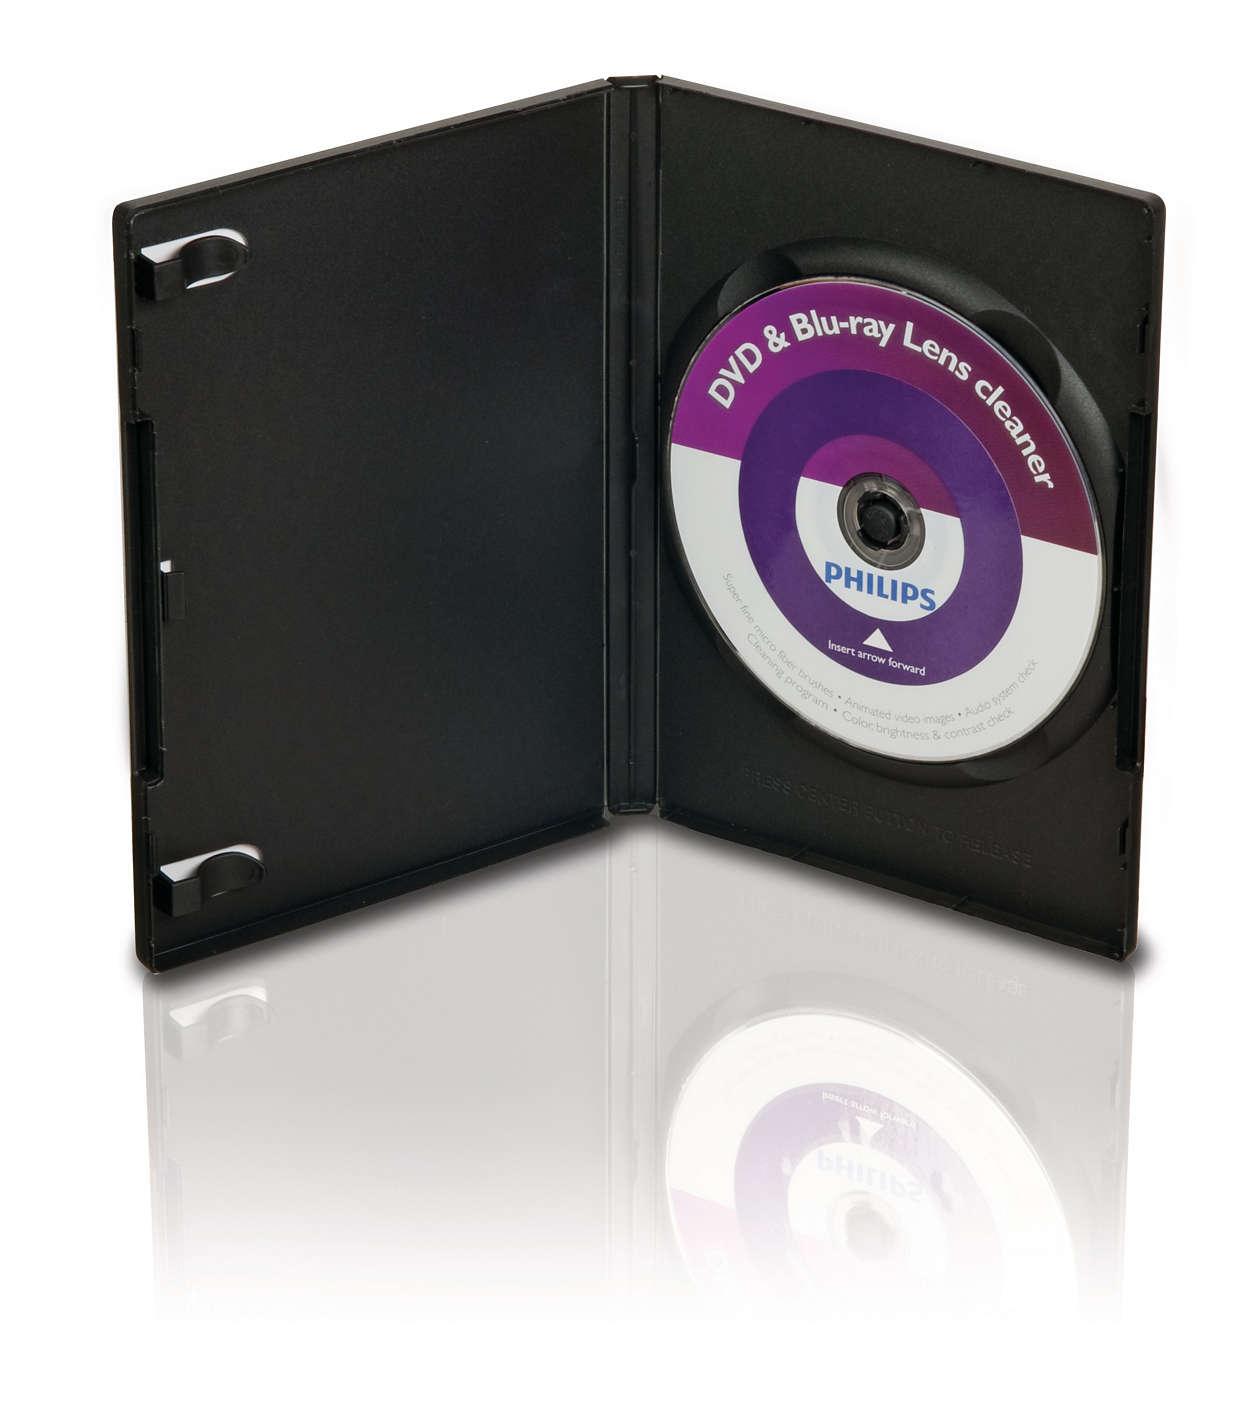 Tisztítja és védi a DVD és Blu-ray lejátszókat